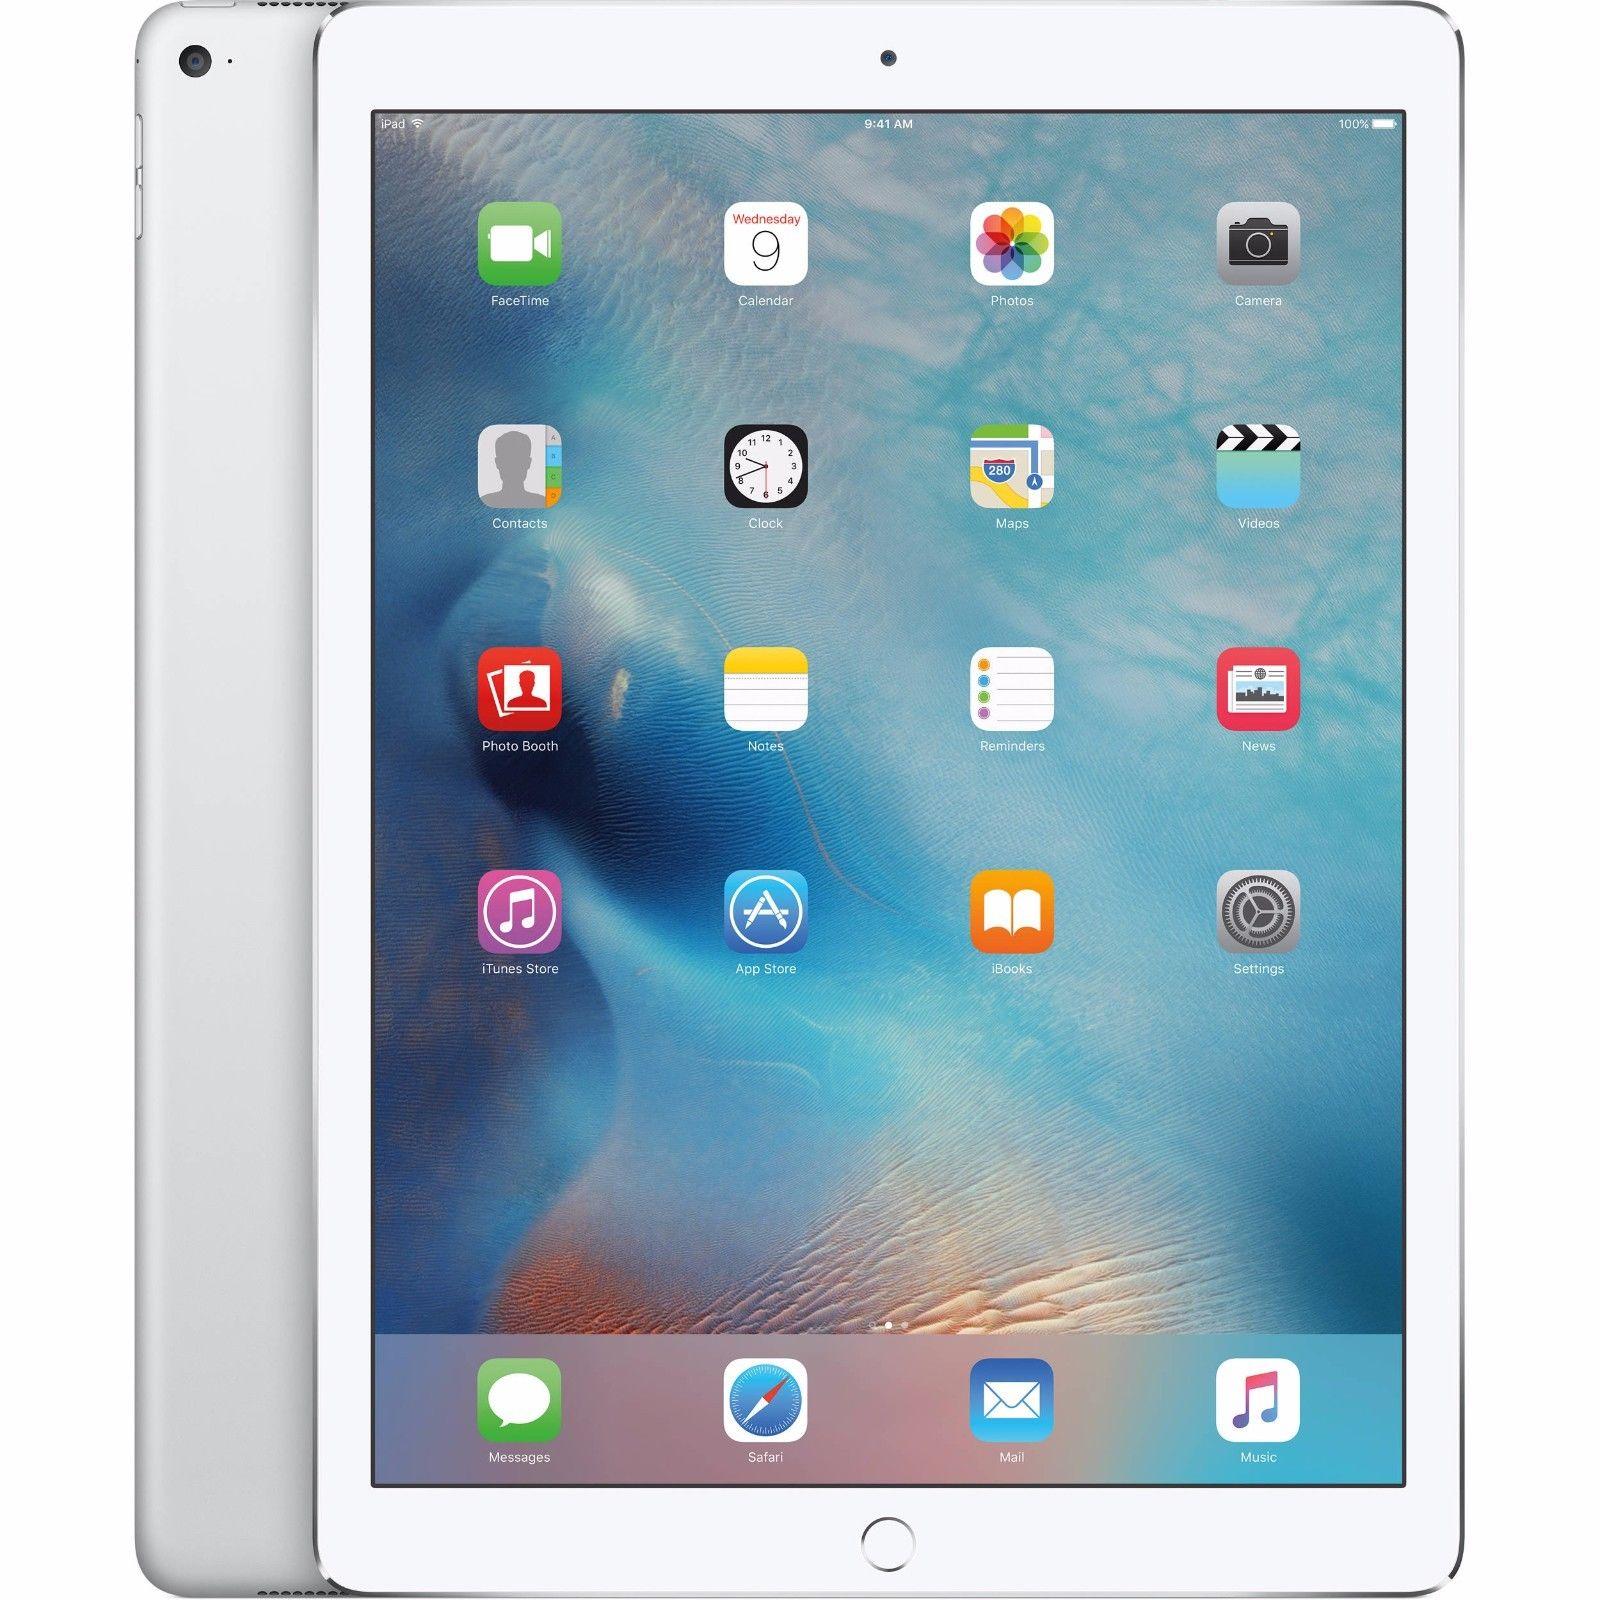 Apple iPad 5th Gen 32GB 128GB Wi-Fi, 9.7in - Space Gray Silver Gold